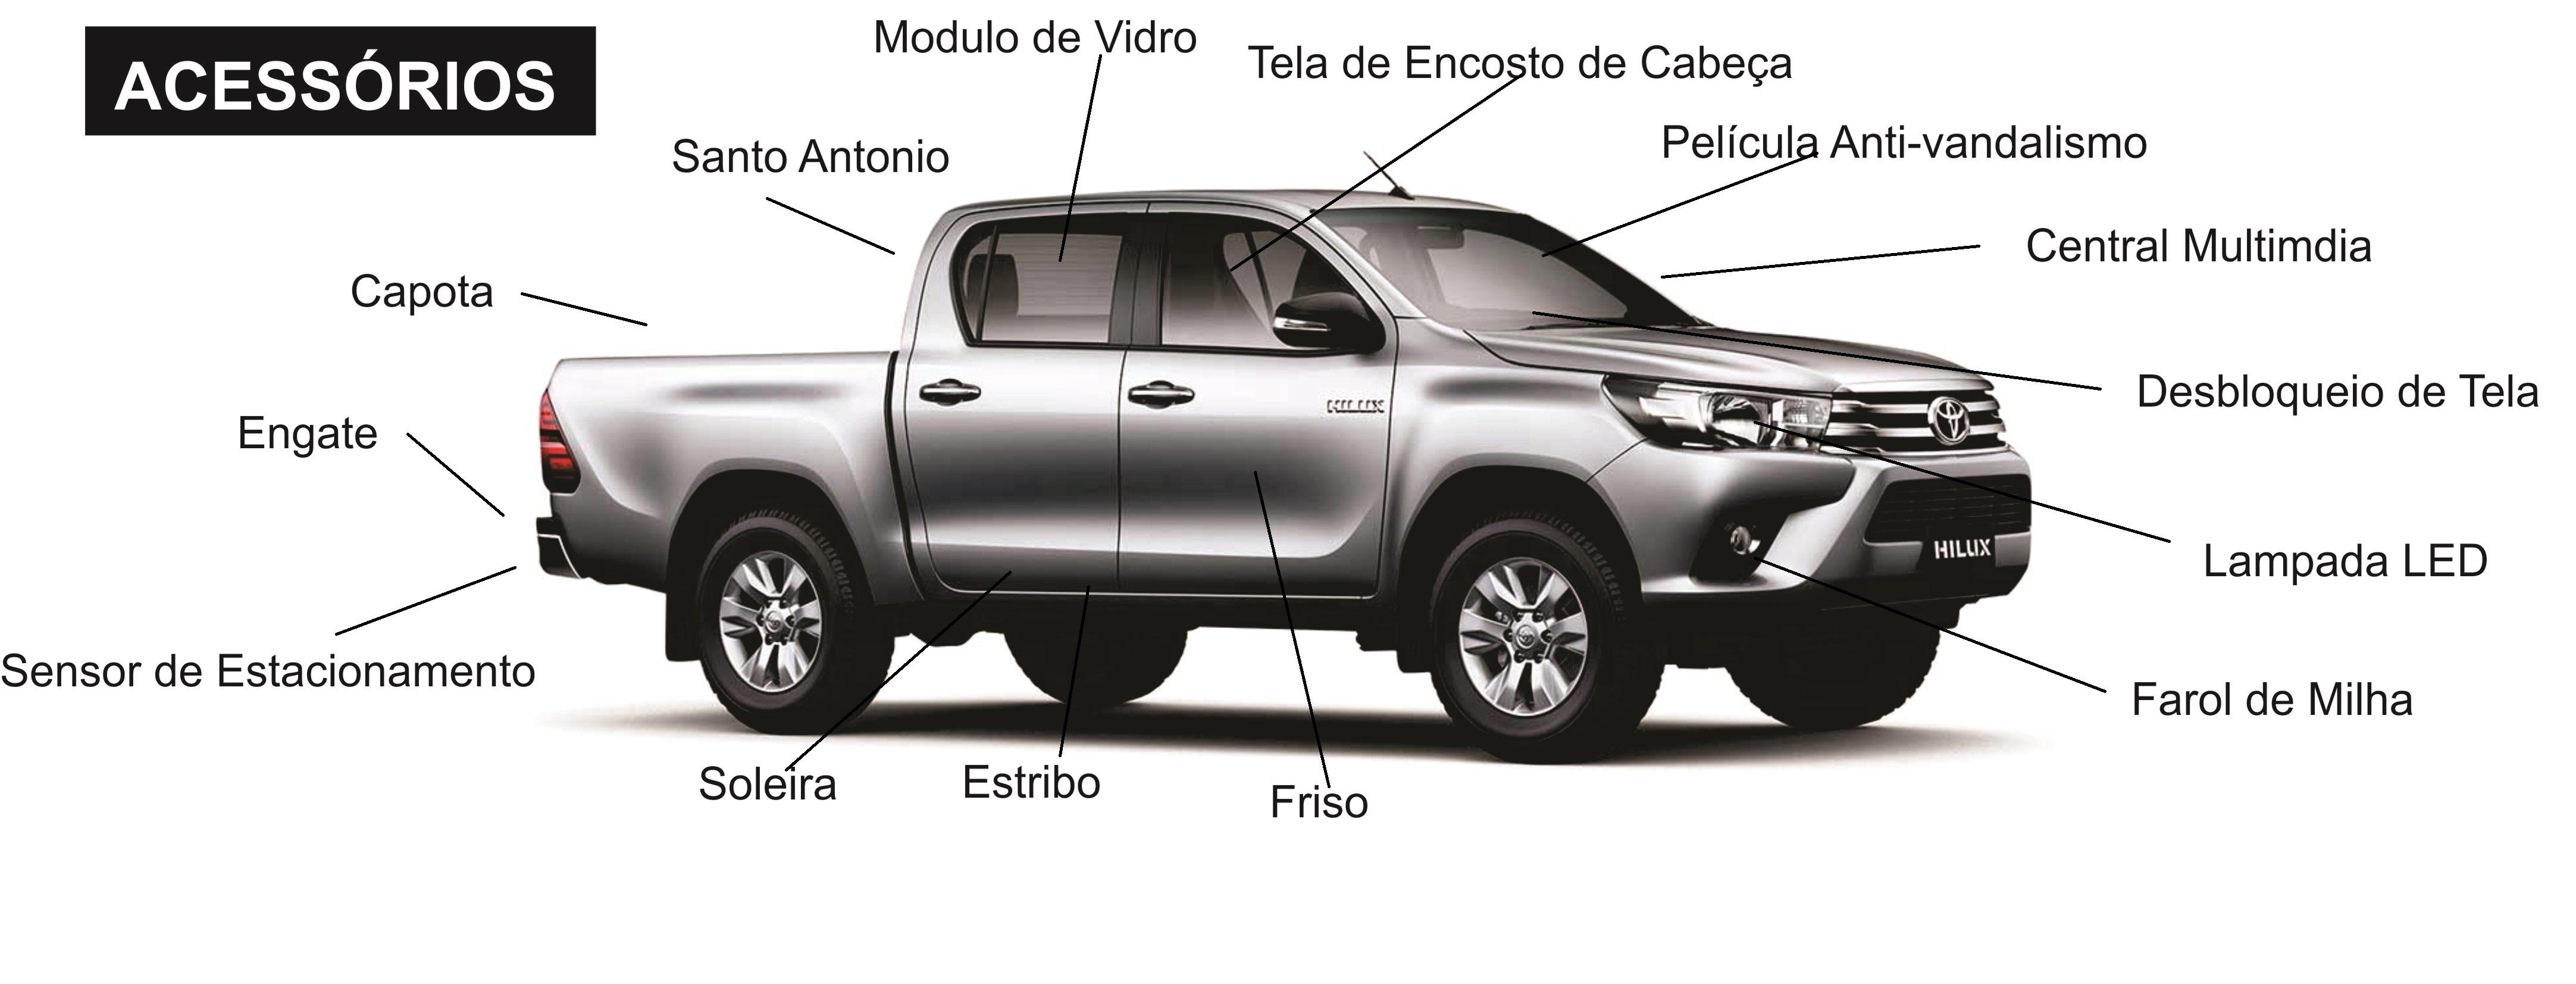 Acessorios Original hilux Toyota